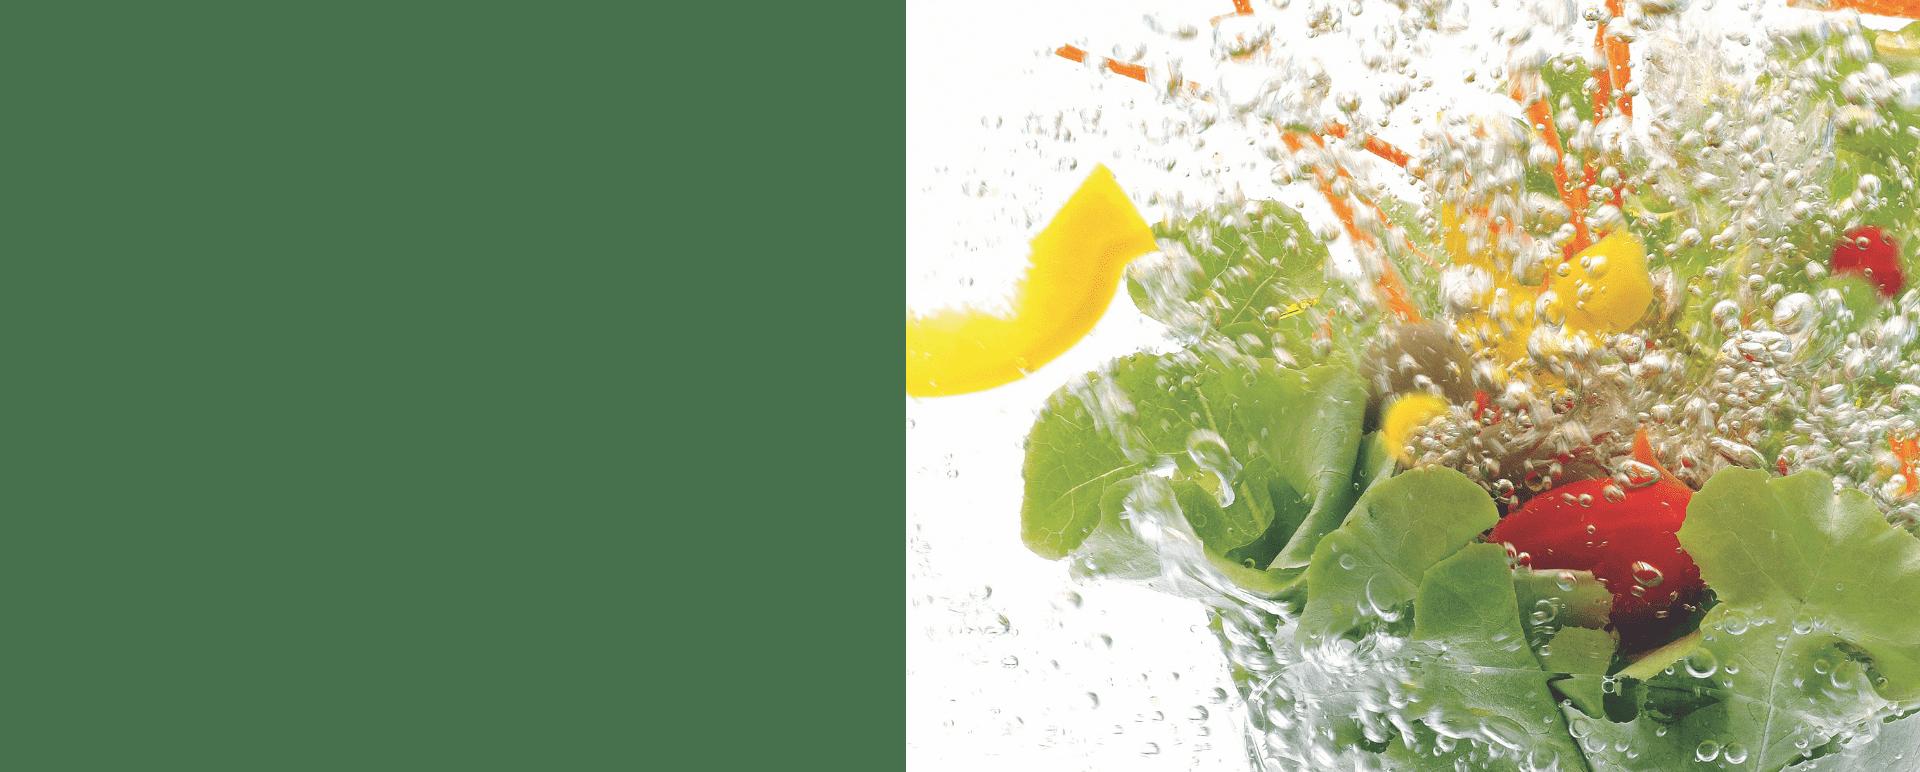 iLiv Faucet Detoxification Slide1